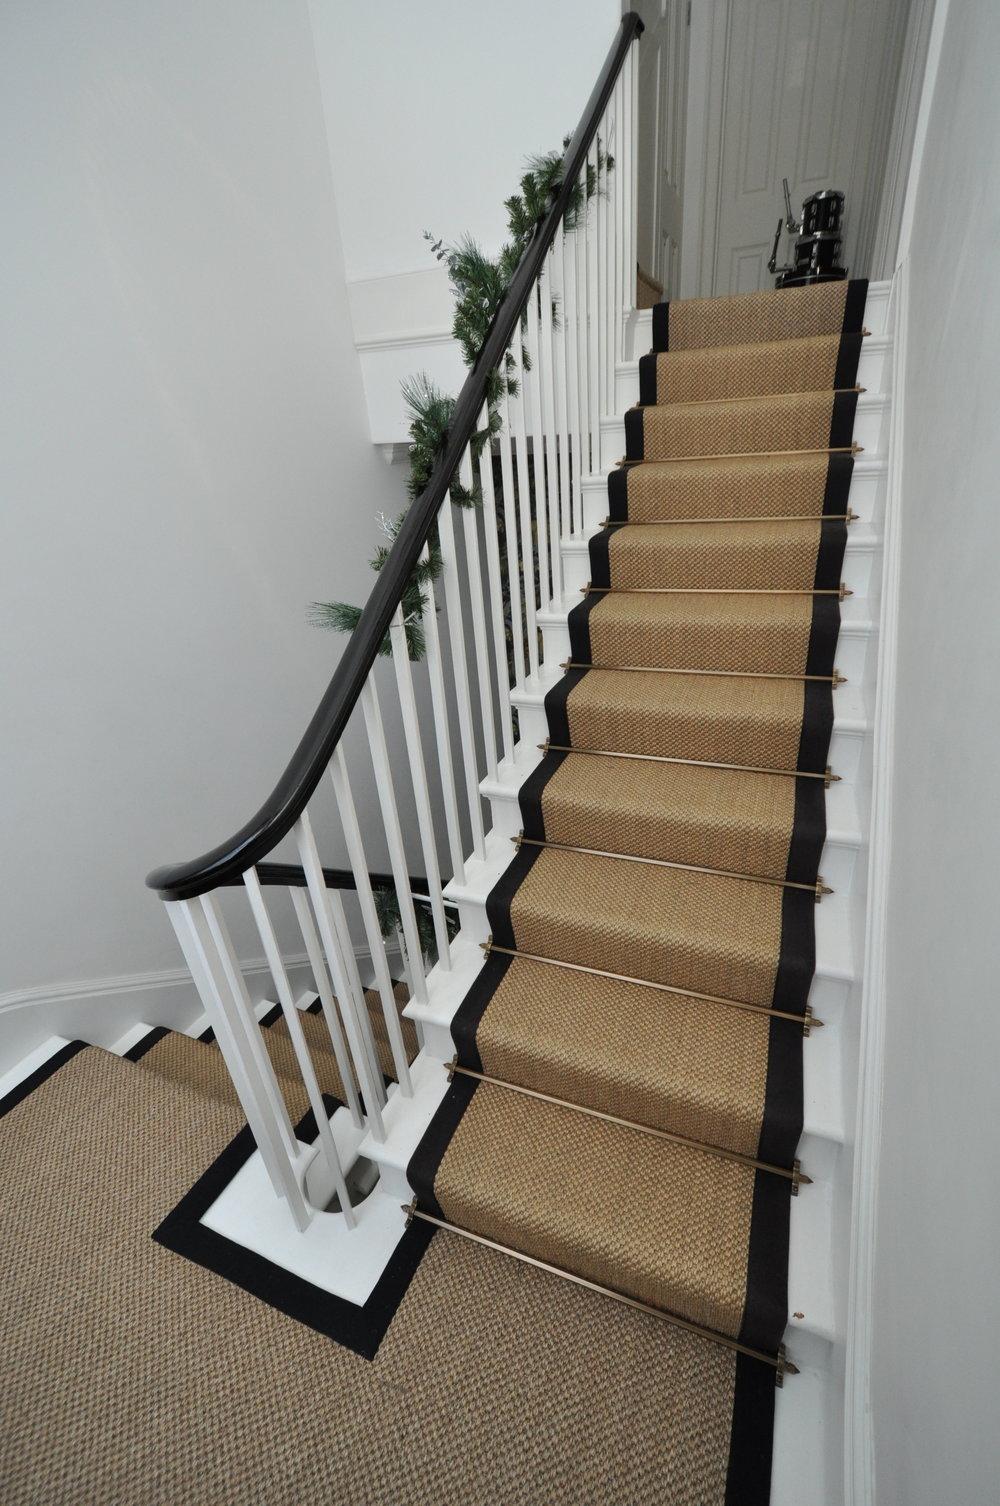 flatweave-stair-runners-london-bowloom-carpet-geometric-off-the-loom-DSC_1448.jpg